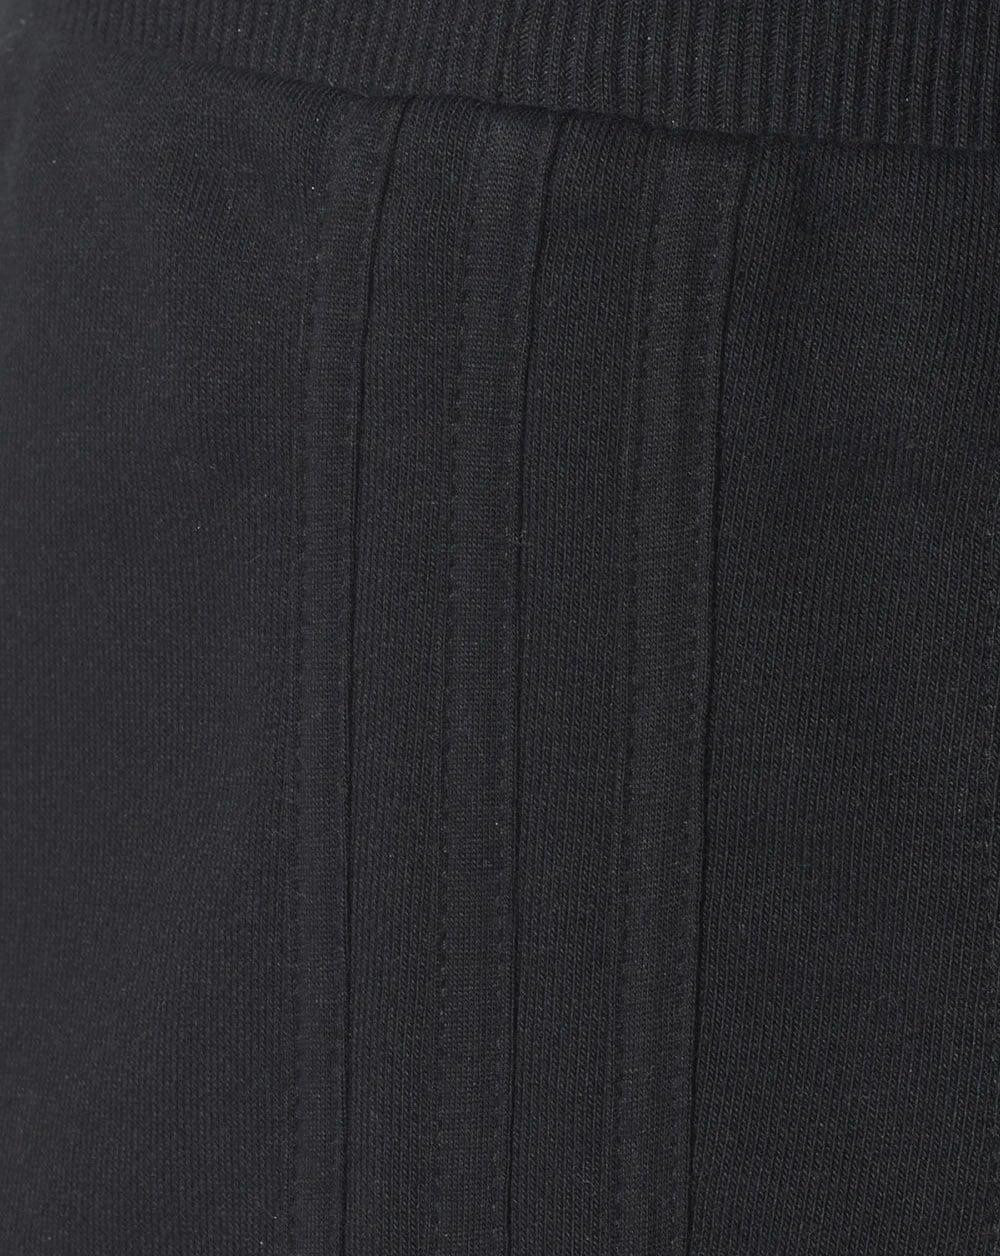 7f258d1cd688 Adidas Originals 3 Striped Track Pants Black